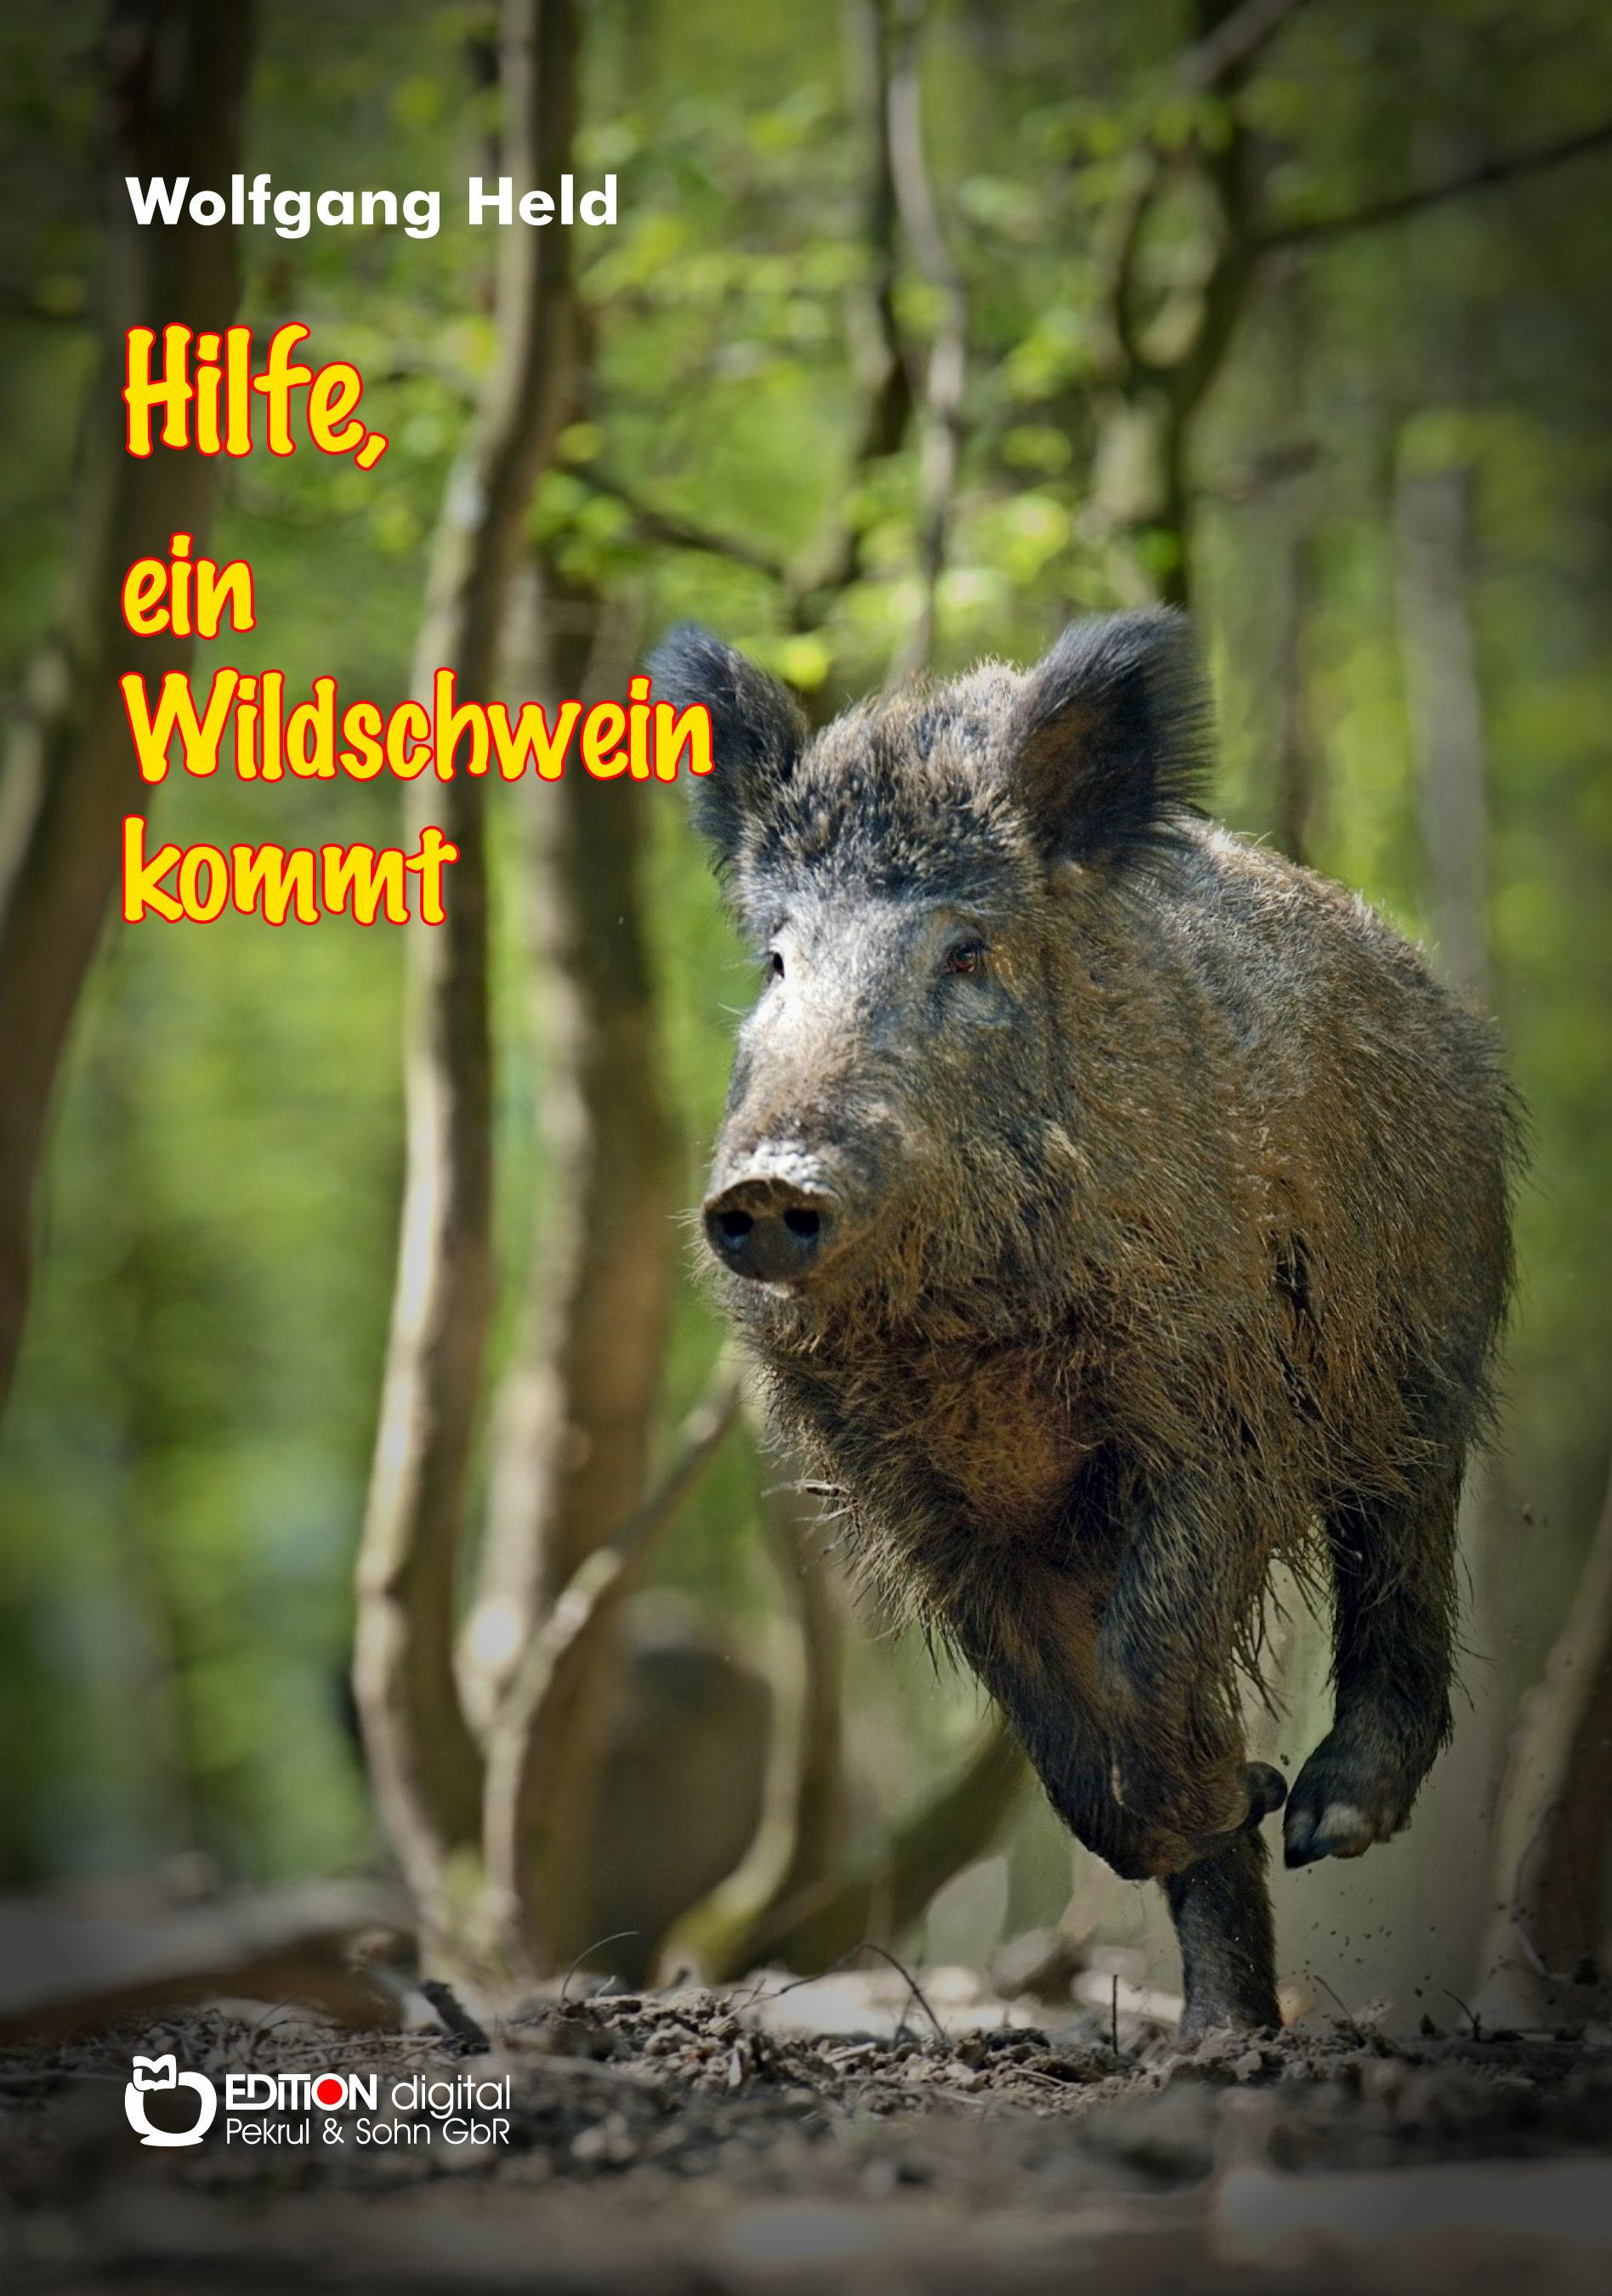 Hilfe, ein Wildschwein kommt. Kinderbuch von Wolfgang Held